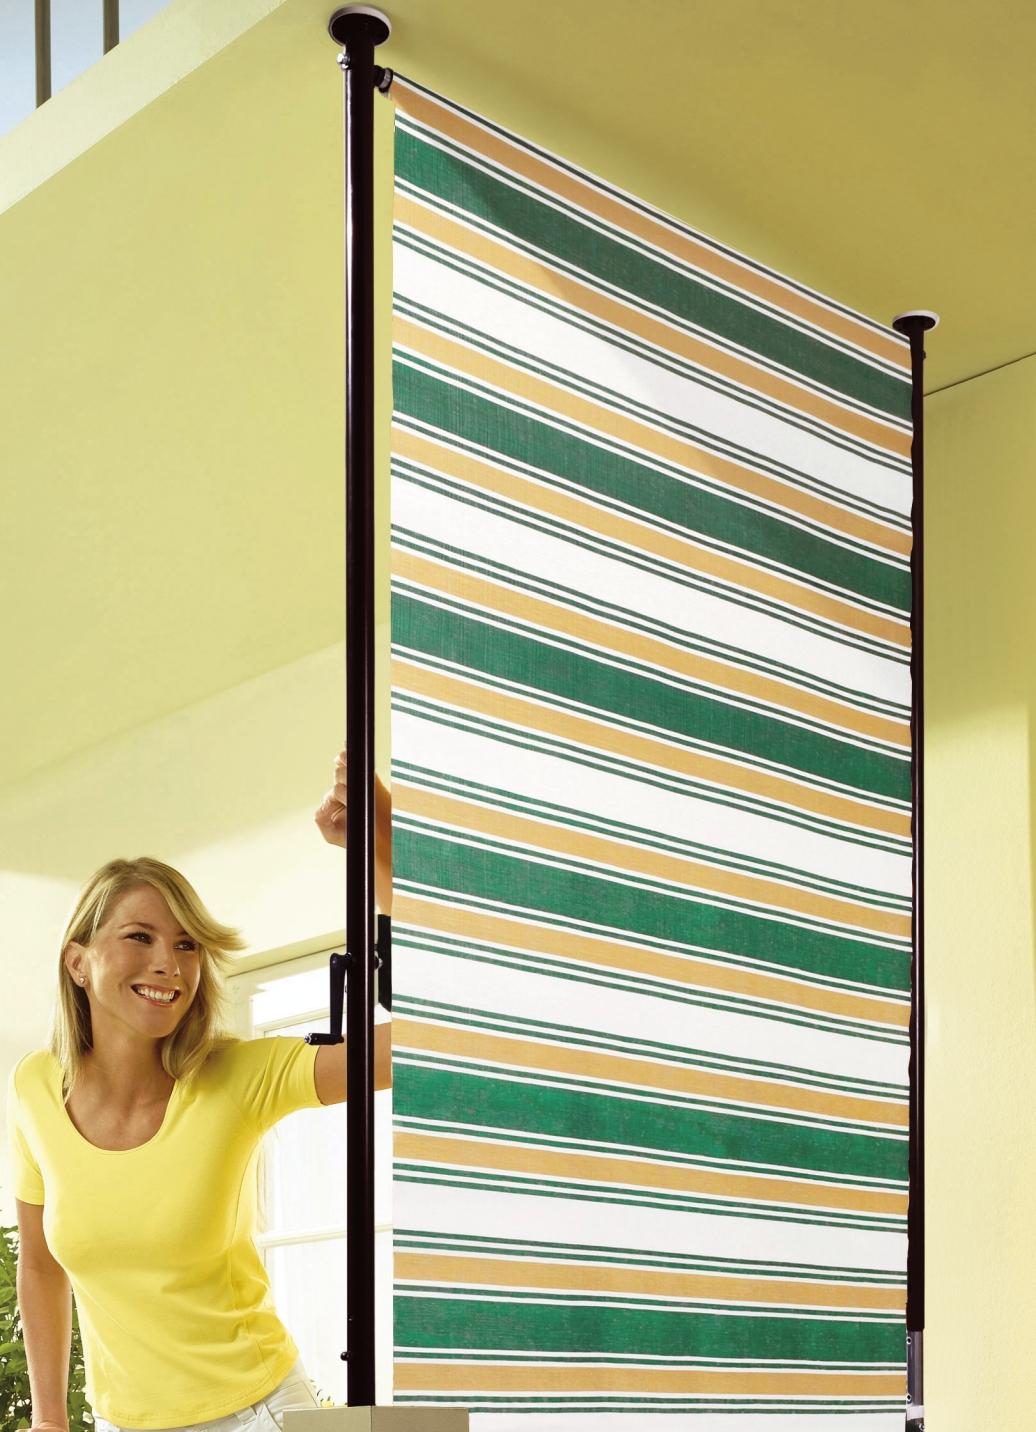 seitensichtschutz balkon polyrattan die feinste sammlung von home design zeichnungen. Black Bedroom Furniture Sets. Home Design Ideas